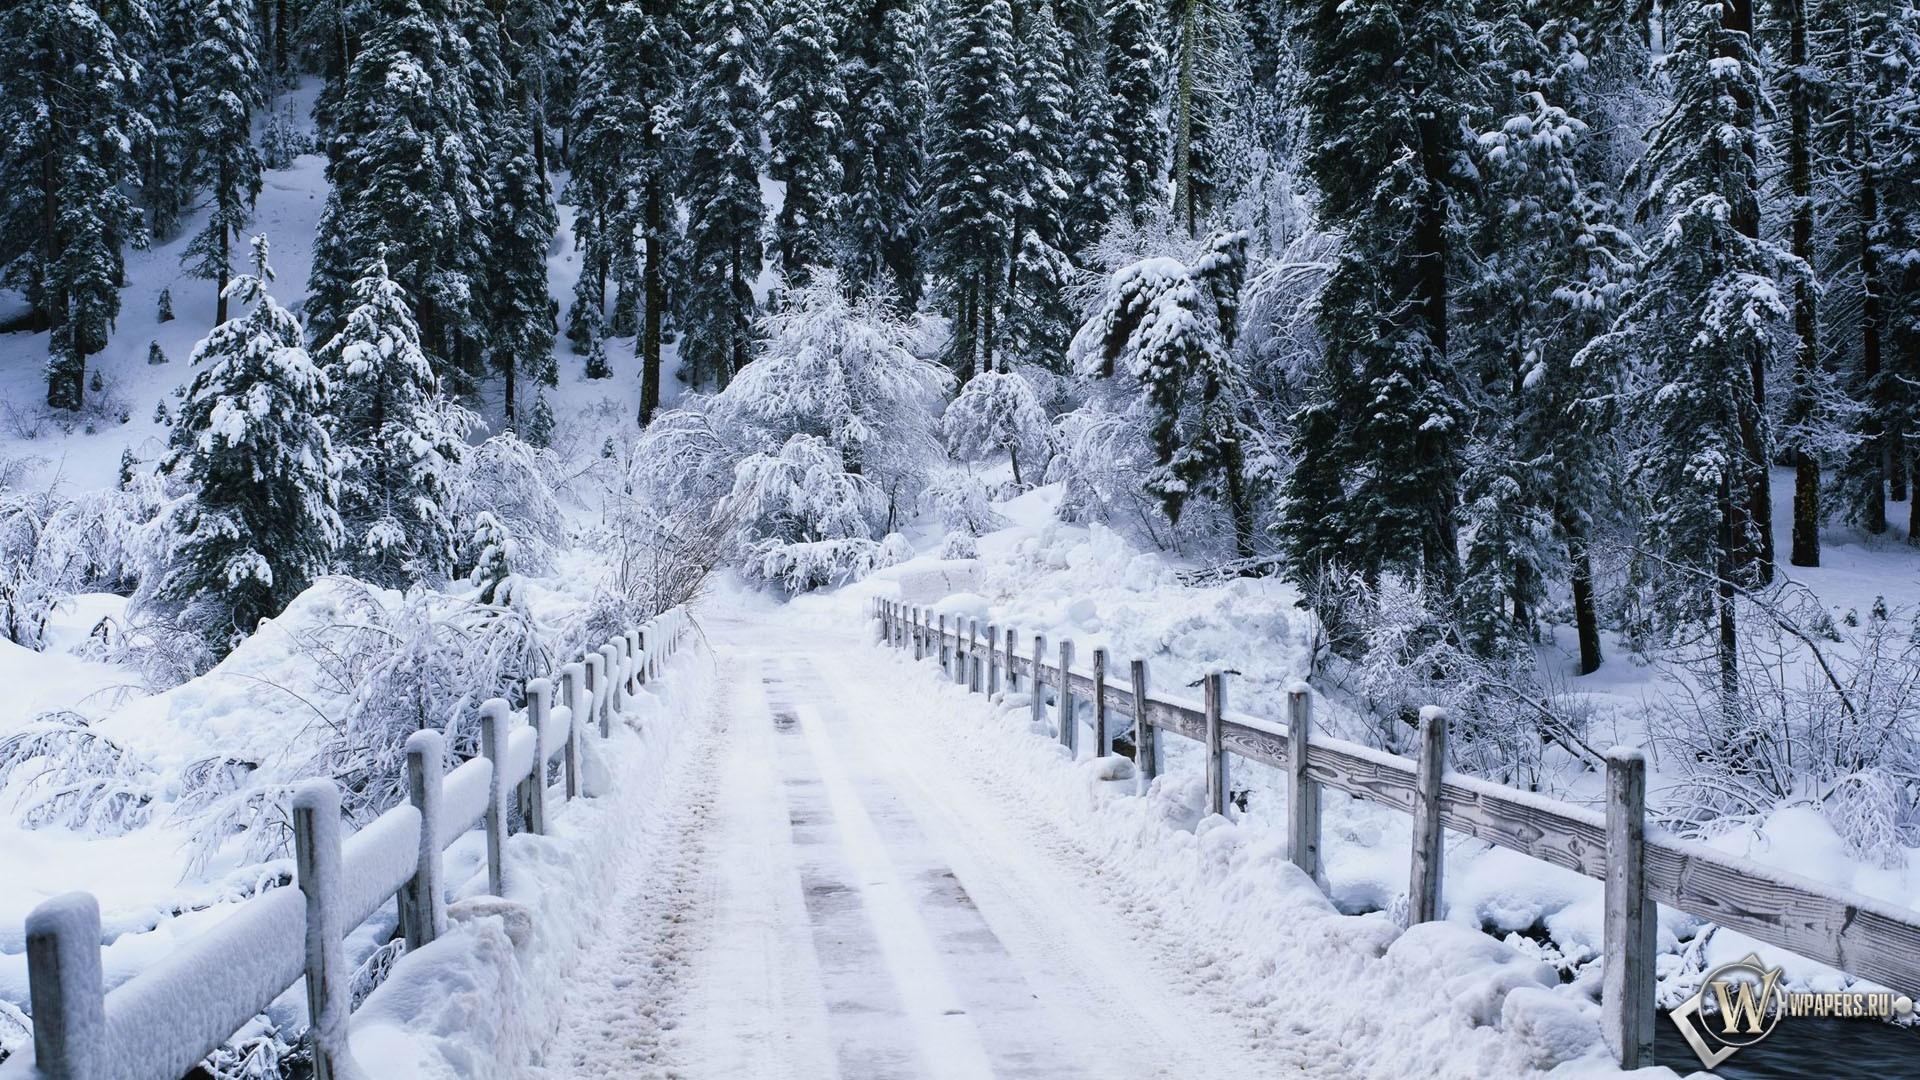 Snowy bridge 1920x1080